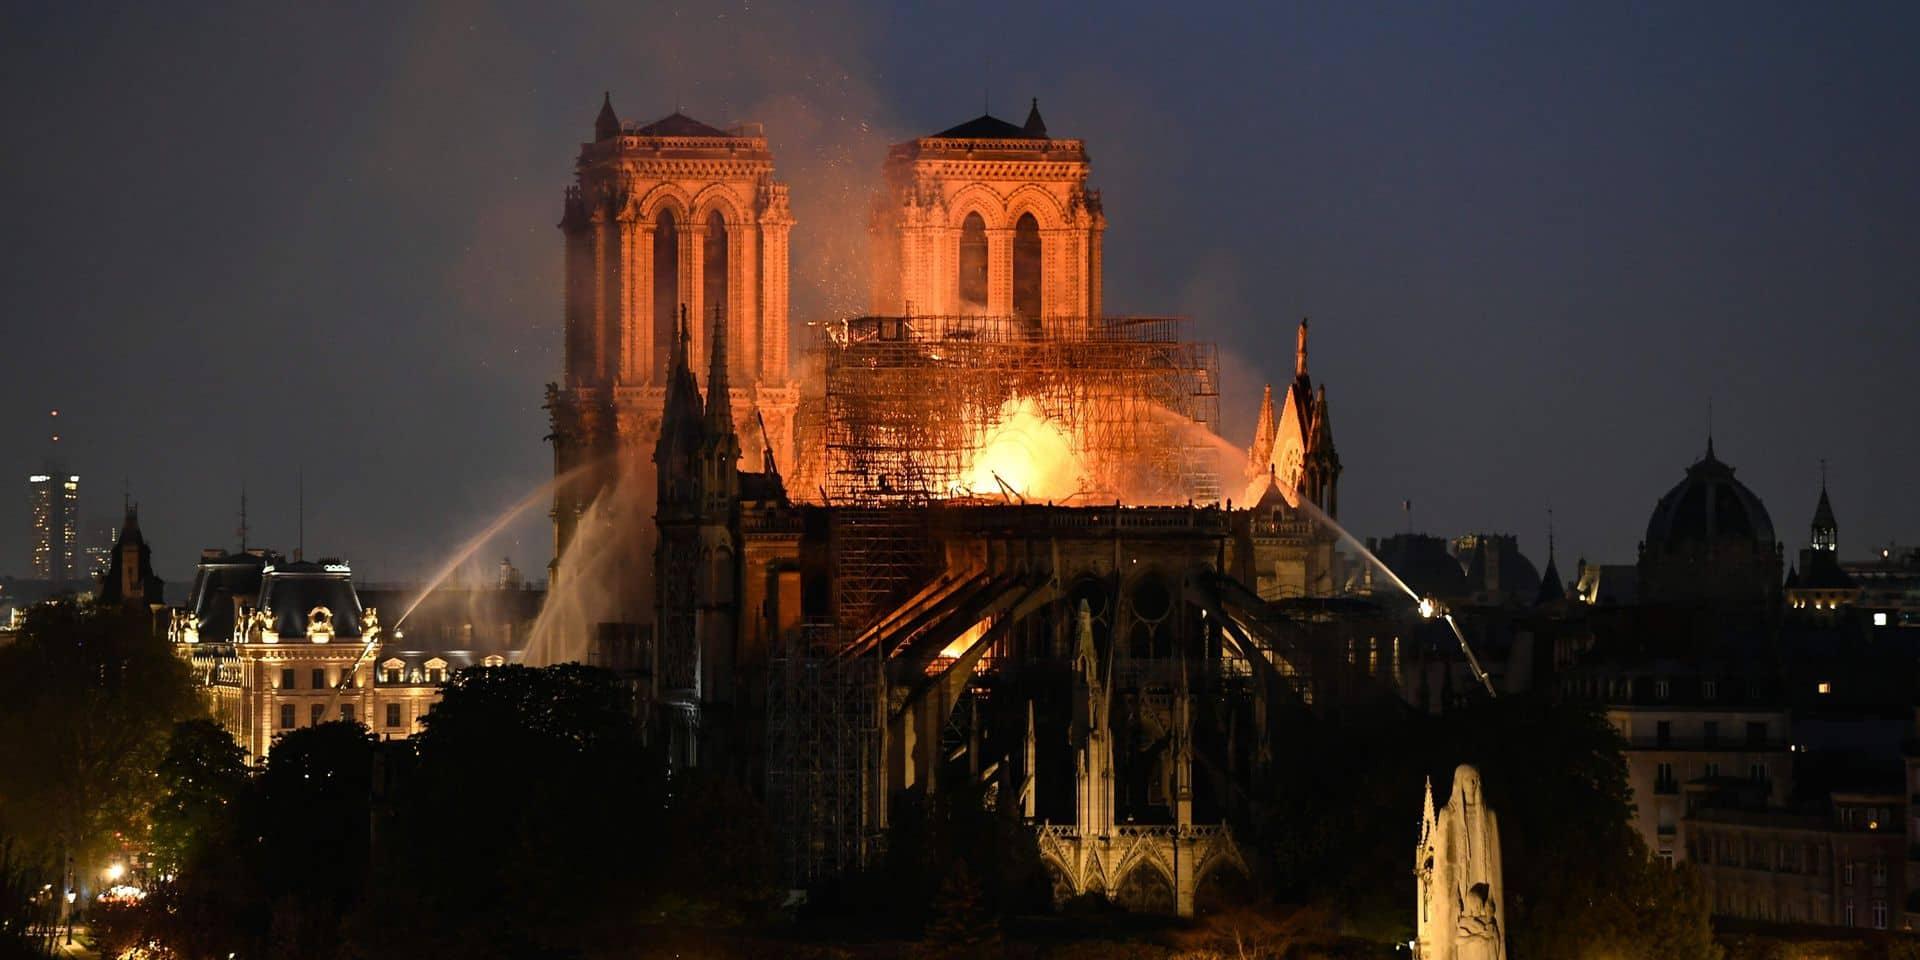 Y'a-t-il réellement un risque pour la santé suite à l'incendie de Notre-Dame? Un toxicologue répond